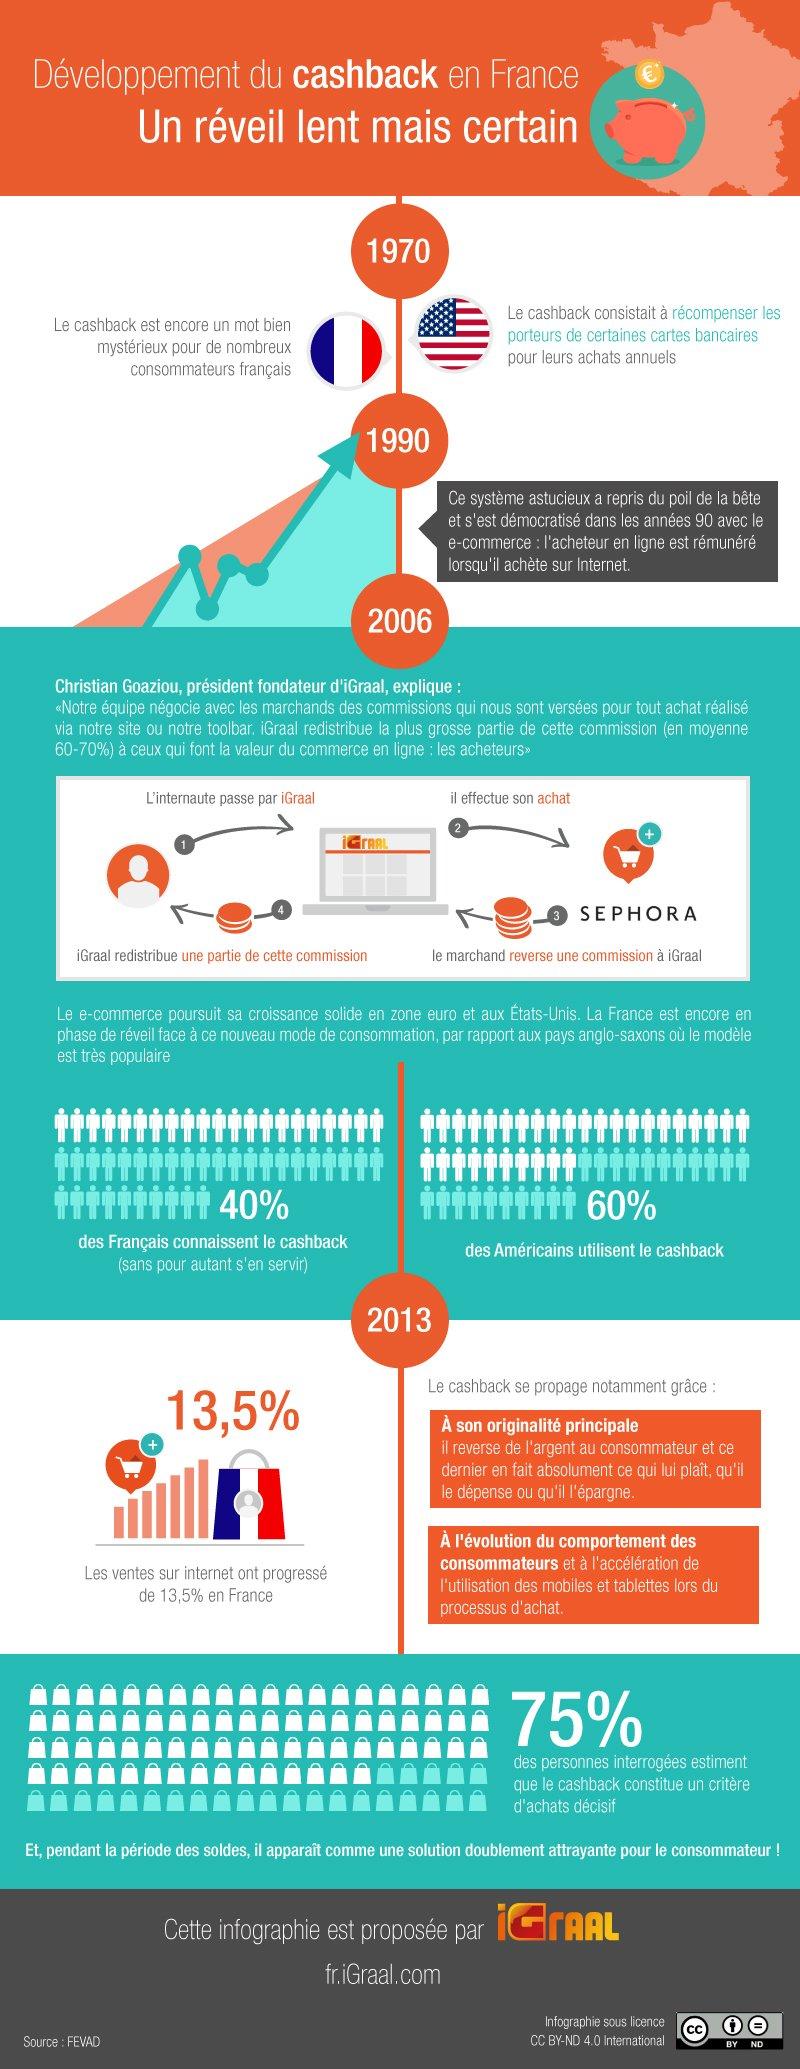 Développement du cashback en France : Un réveil lent mais certain